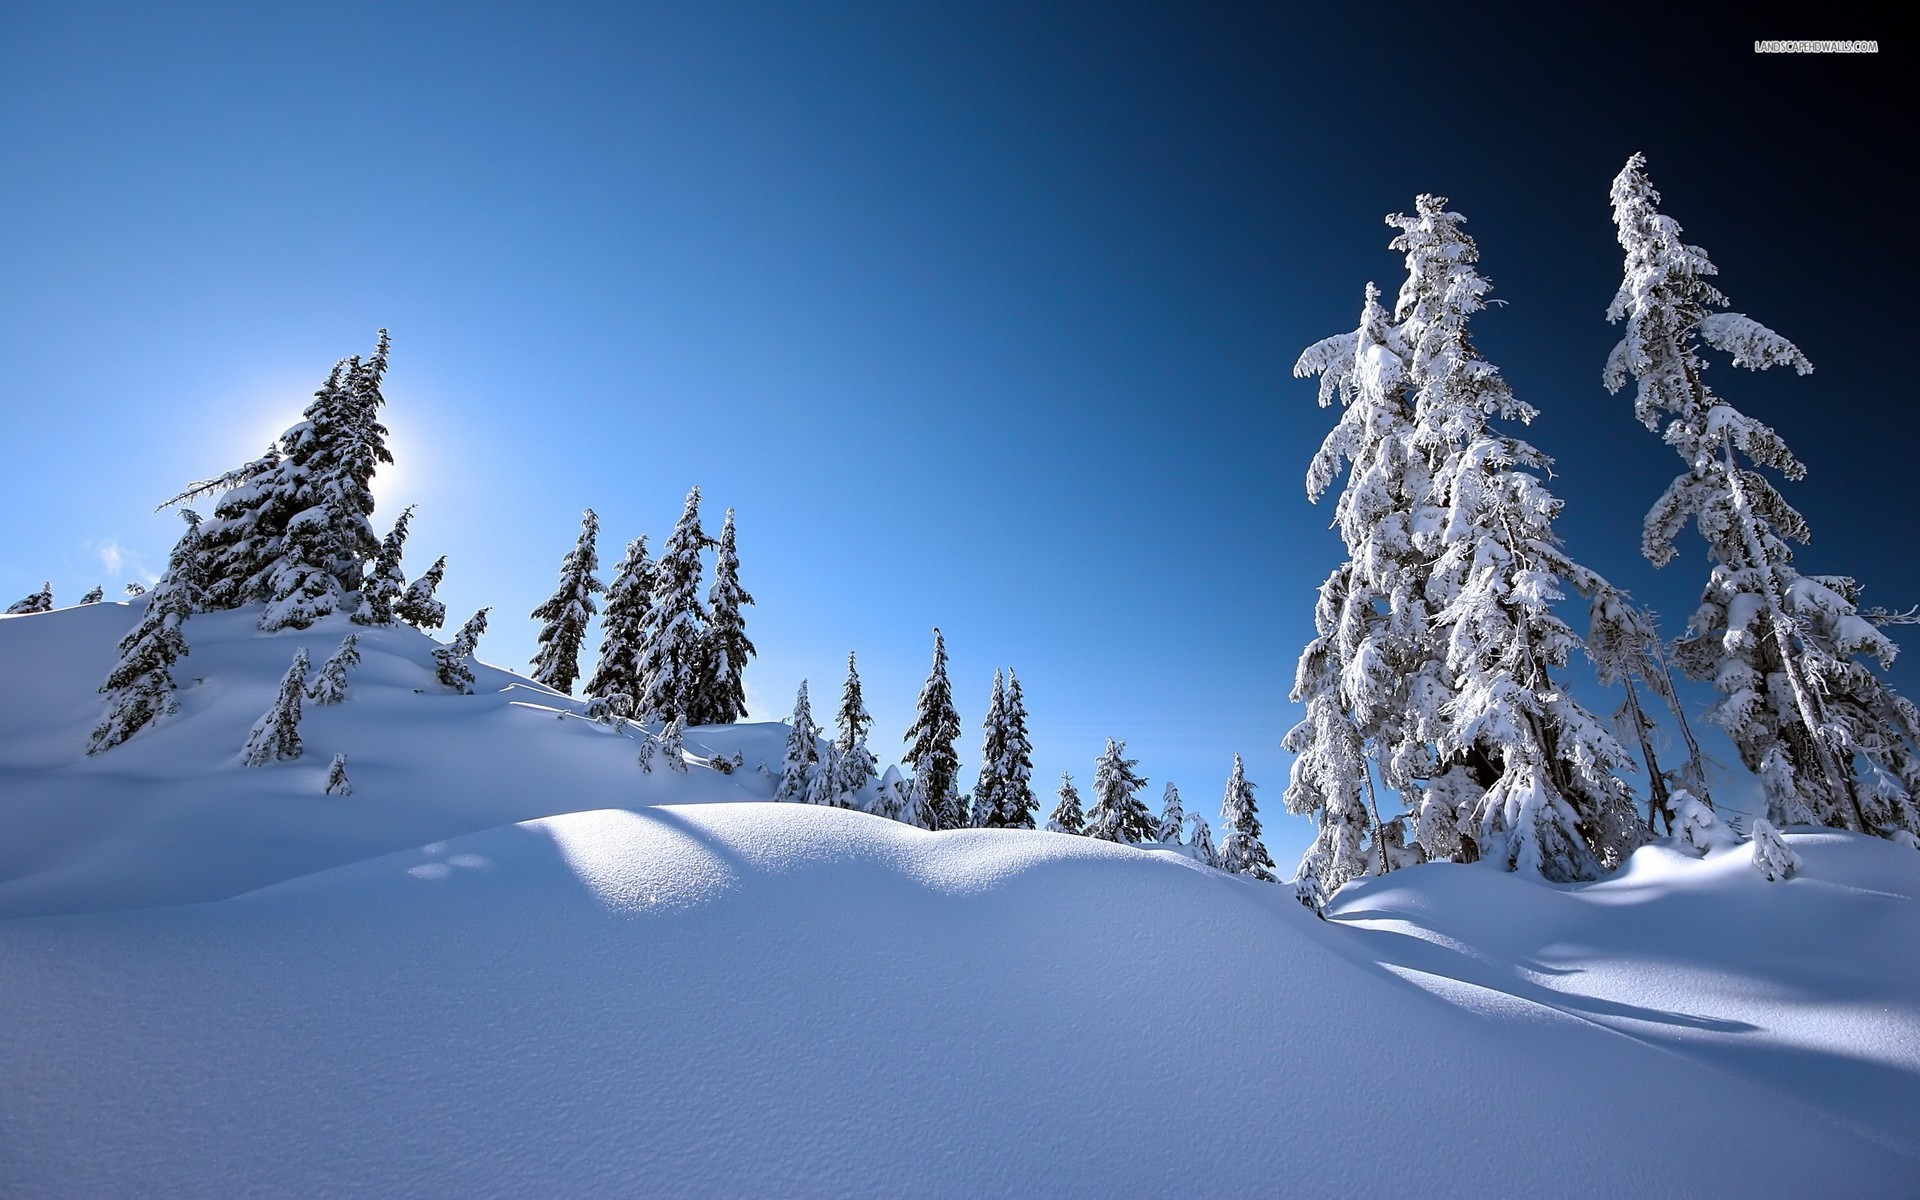 Snowy Trees 32381 1920x1080 px